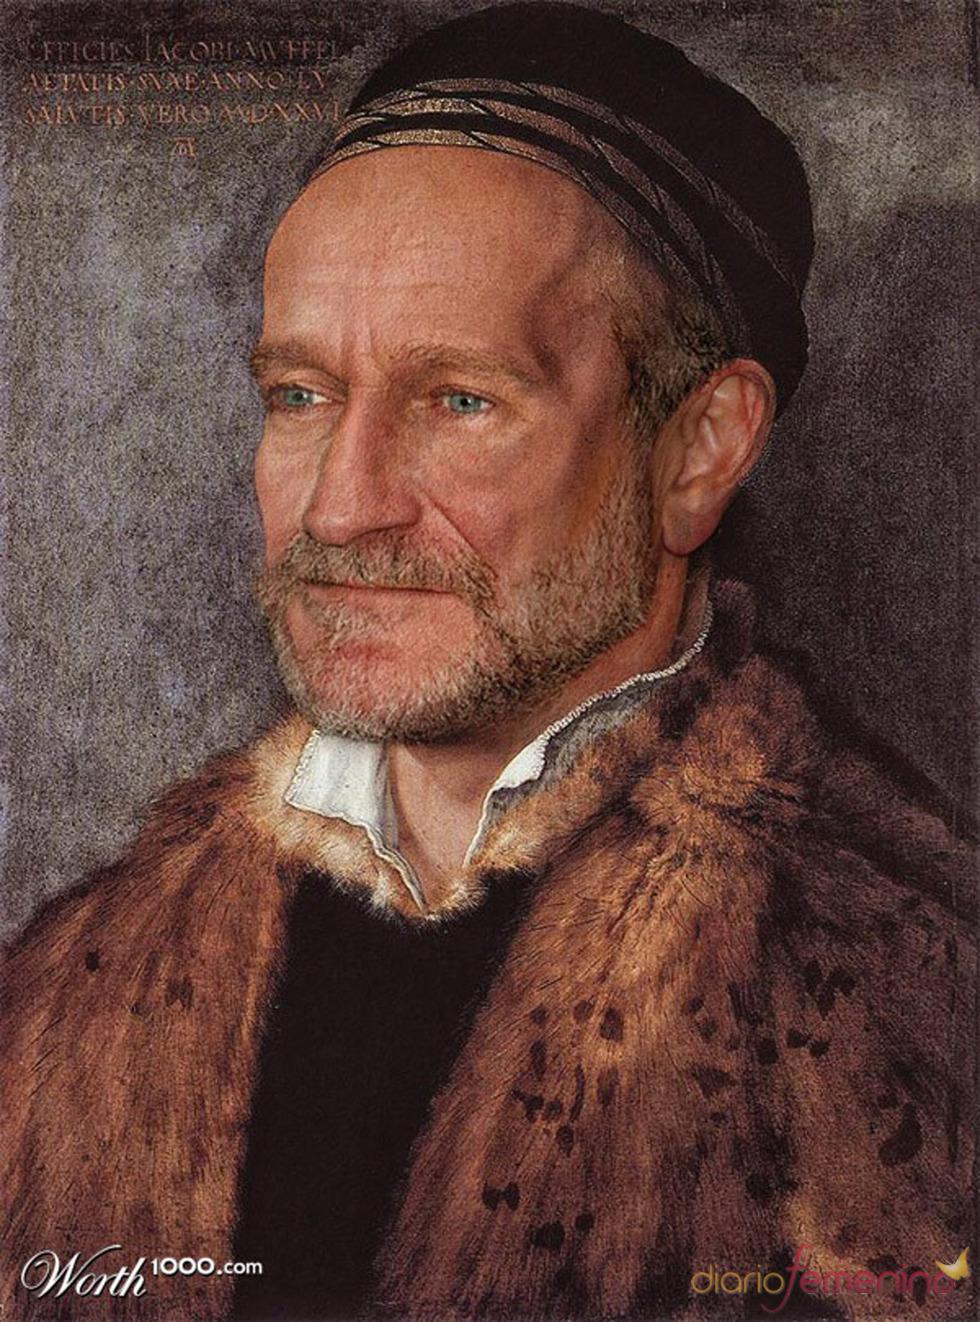 Robin Williams convertido en arte clásico en worth1000.com